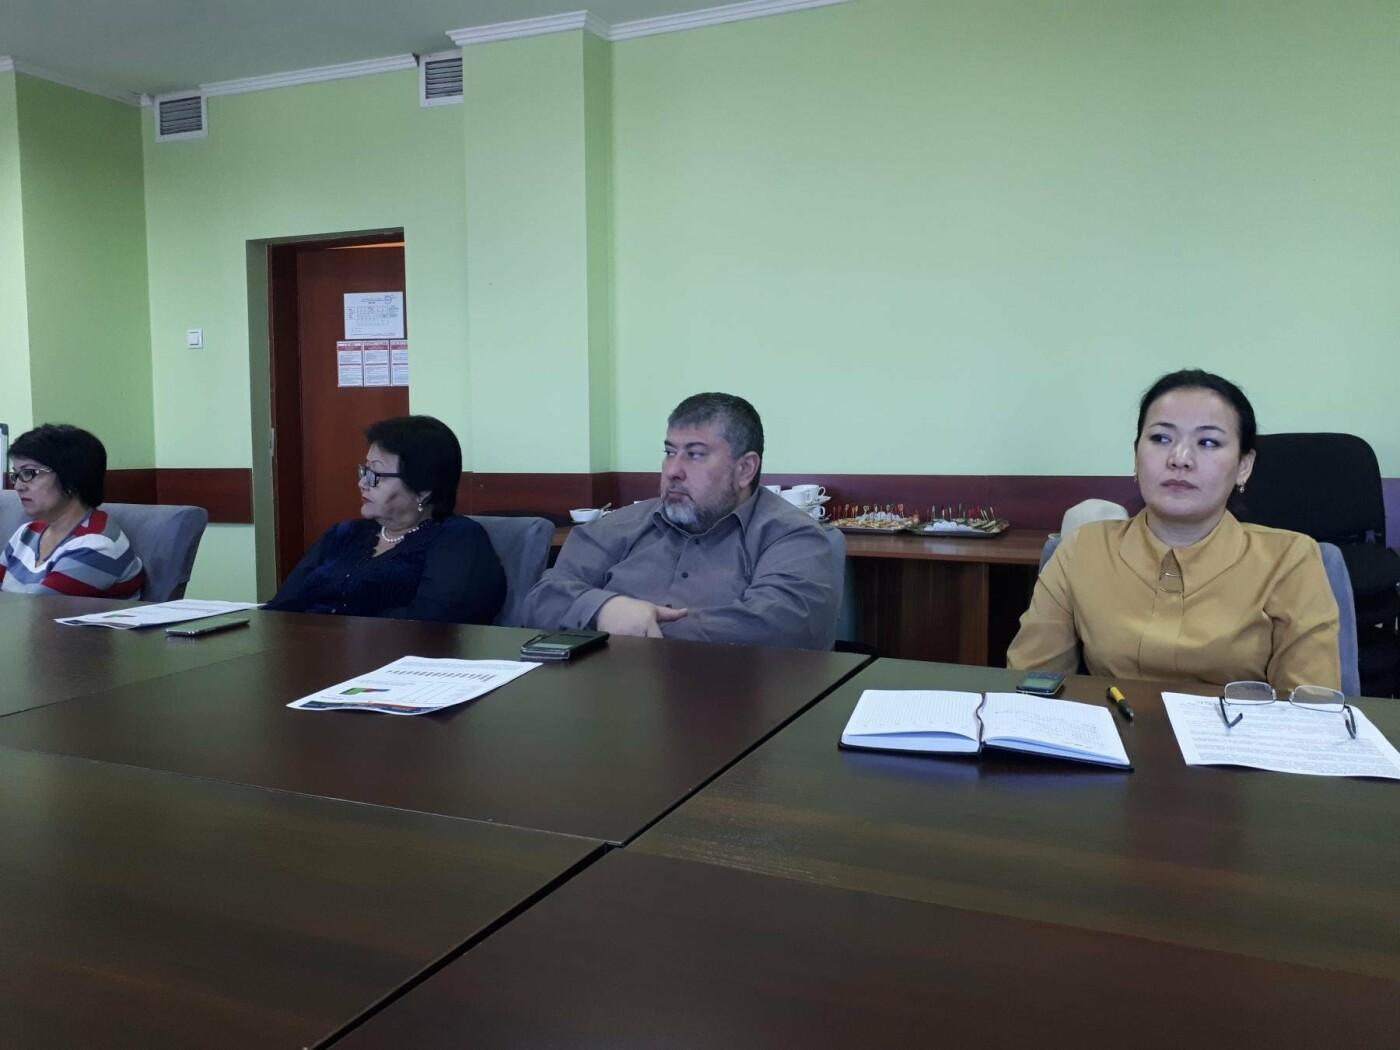 Госорганы Мангистау предоставляют минимальную информацию о трате бюджета, фото-2